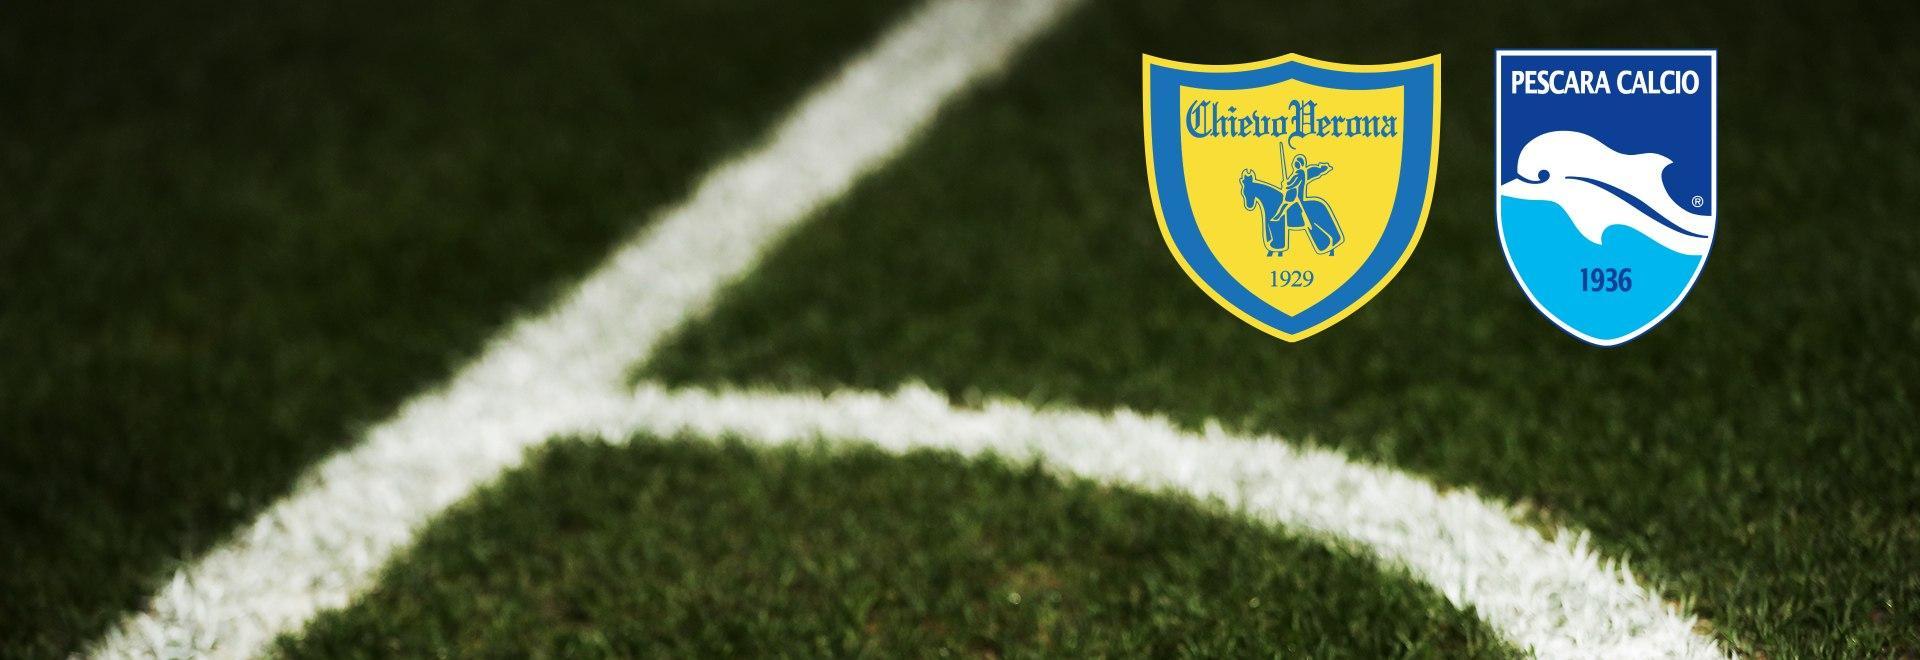 Chievo - Pescara. 38a g.